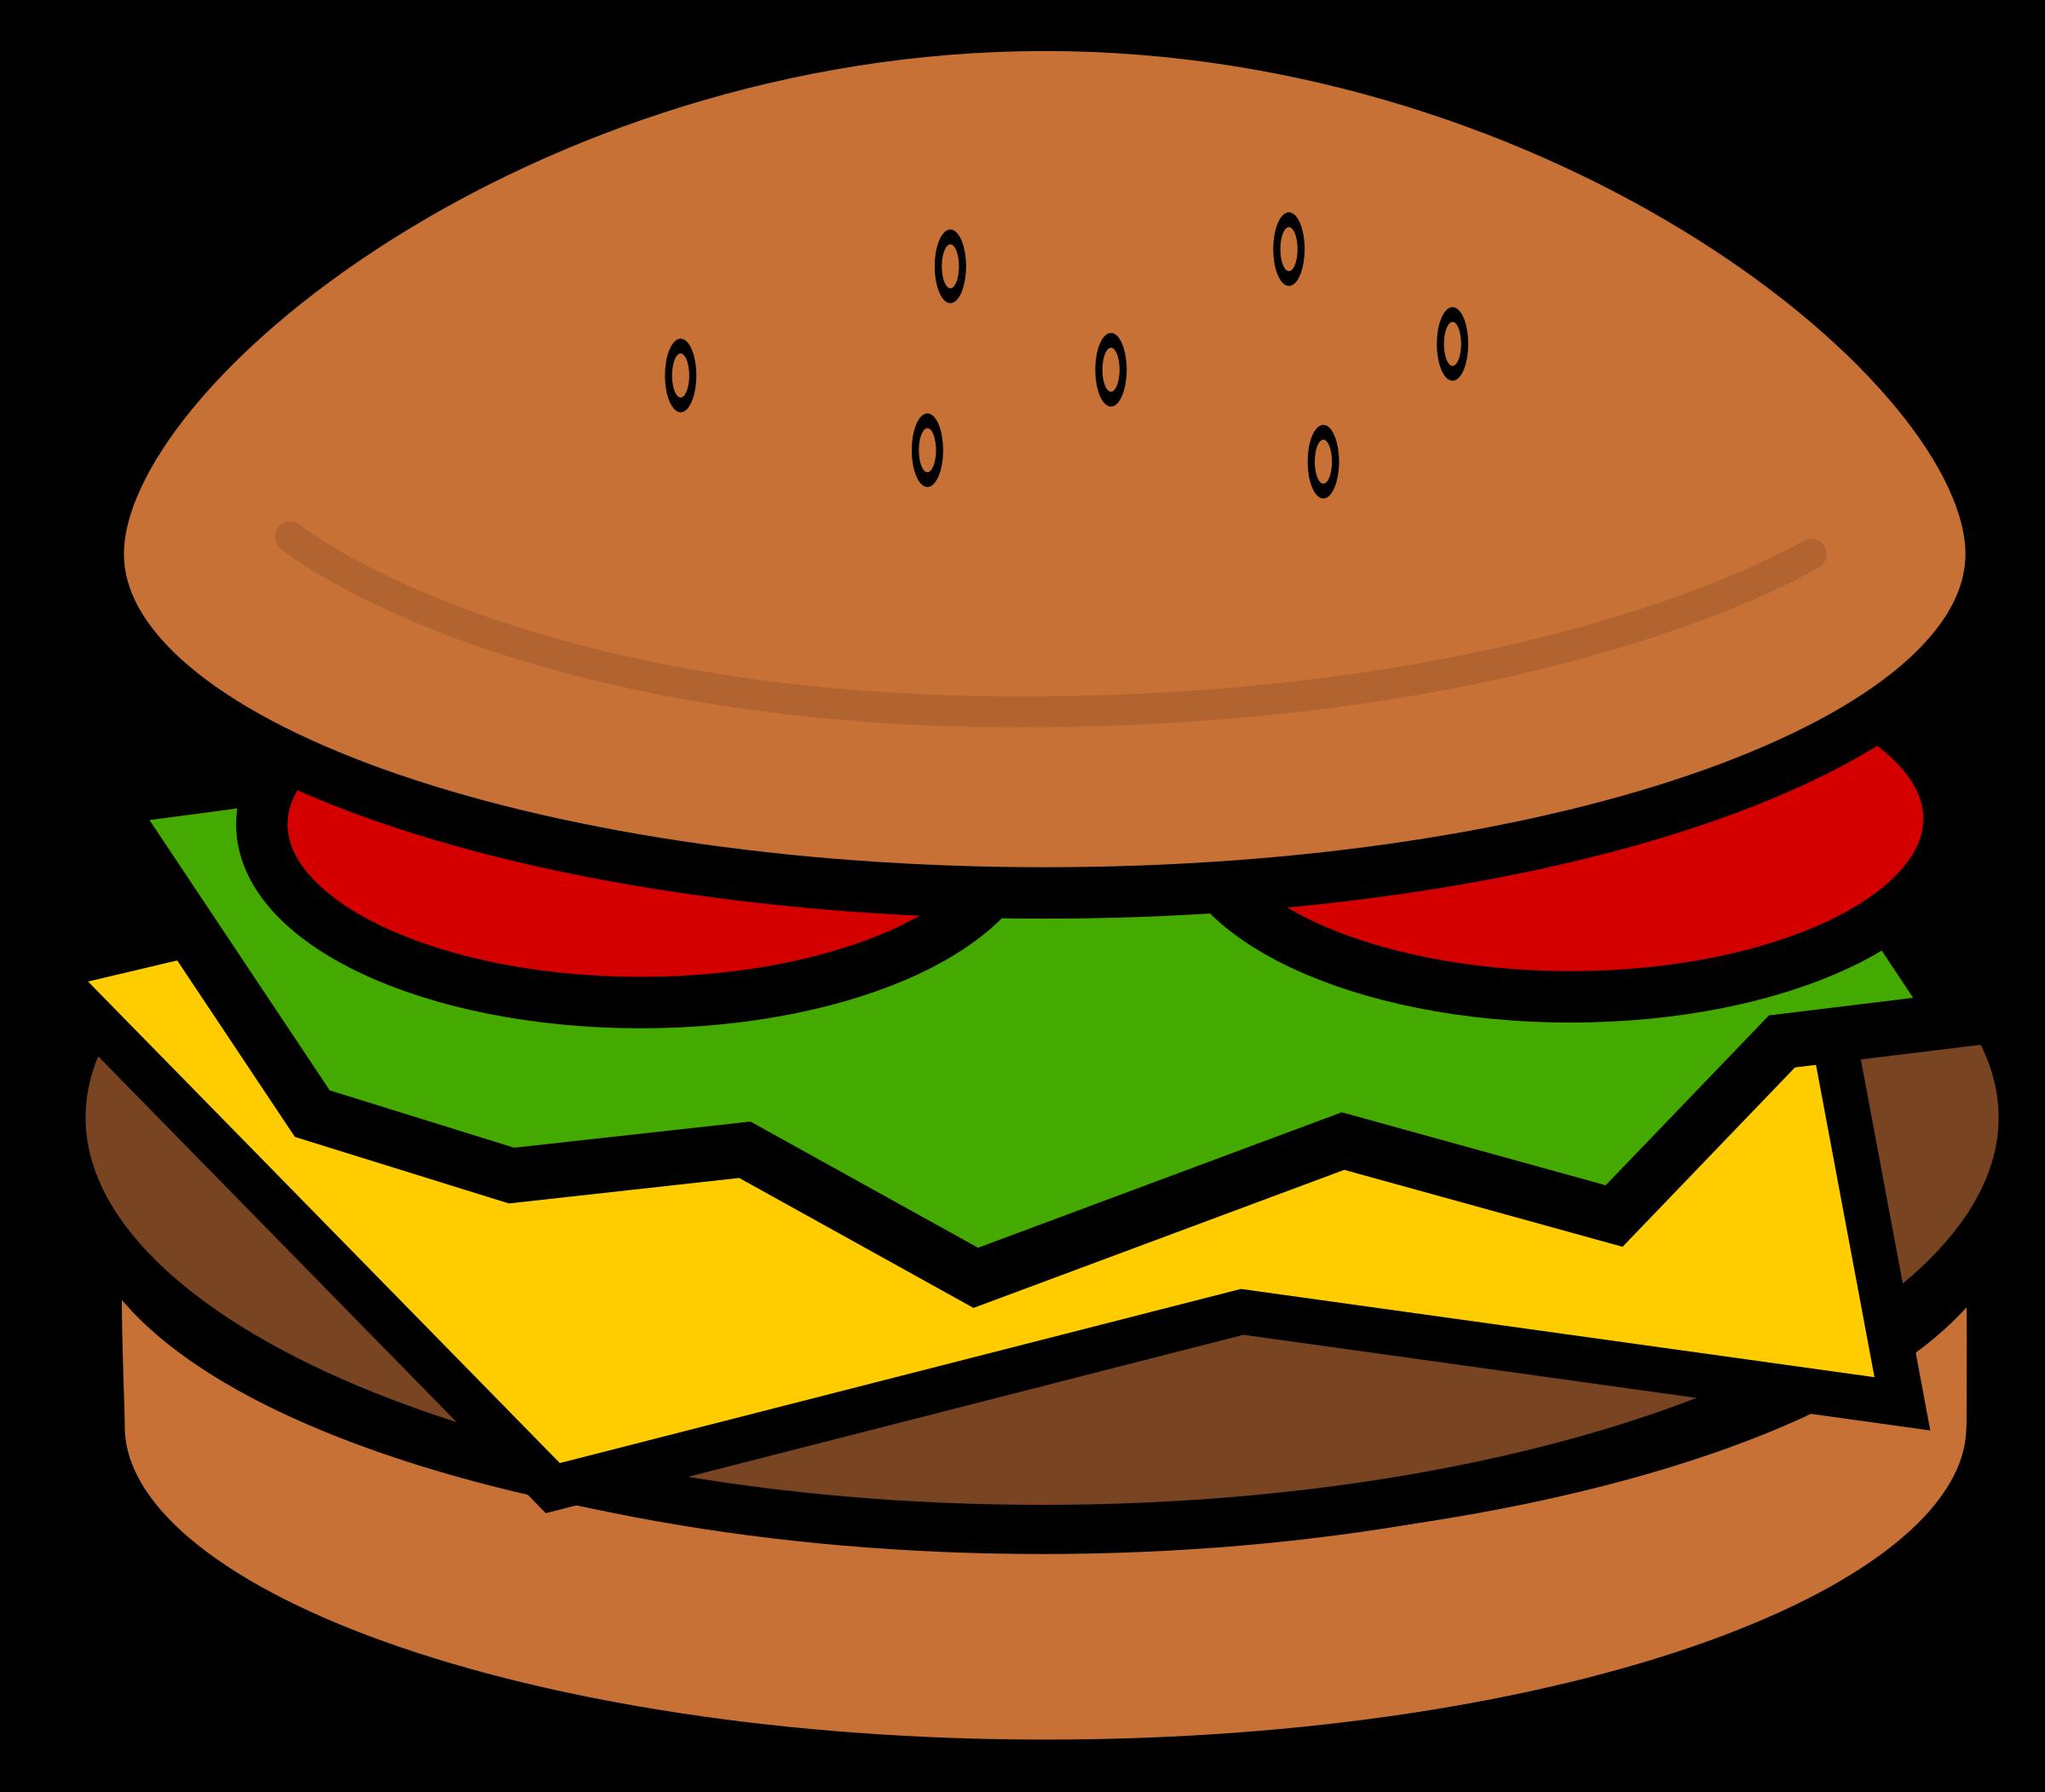 . Cheeseburger clipart small hamburger